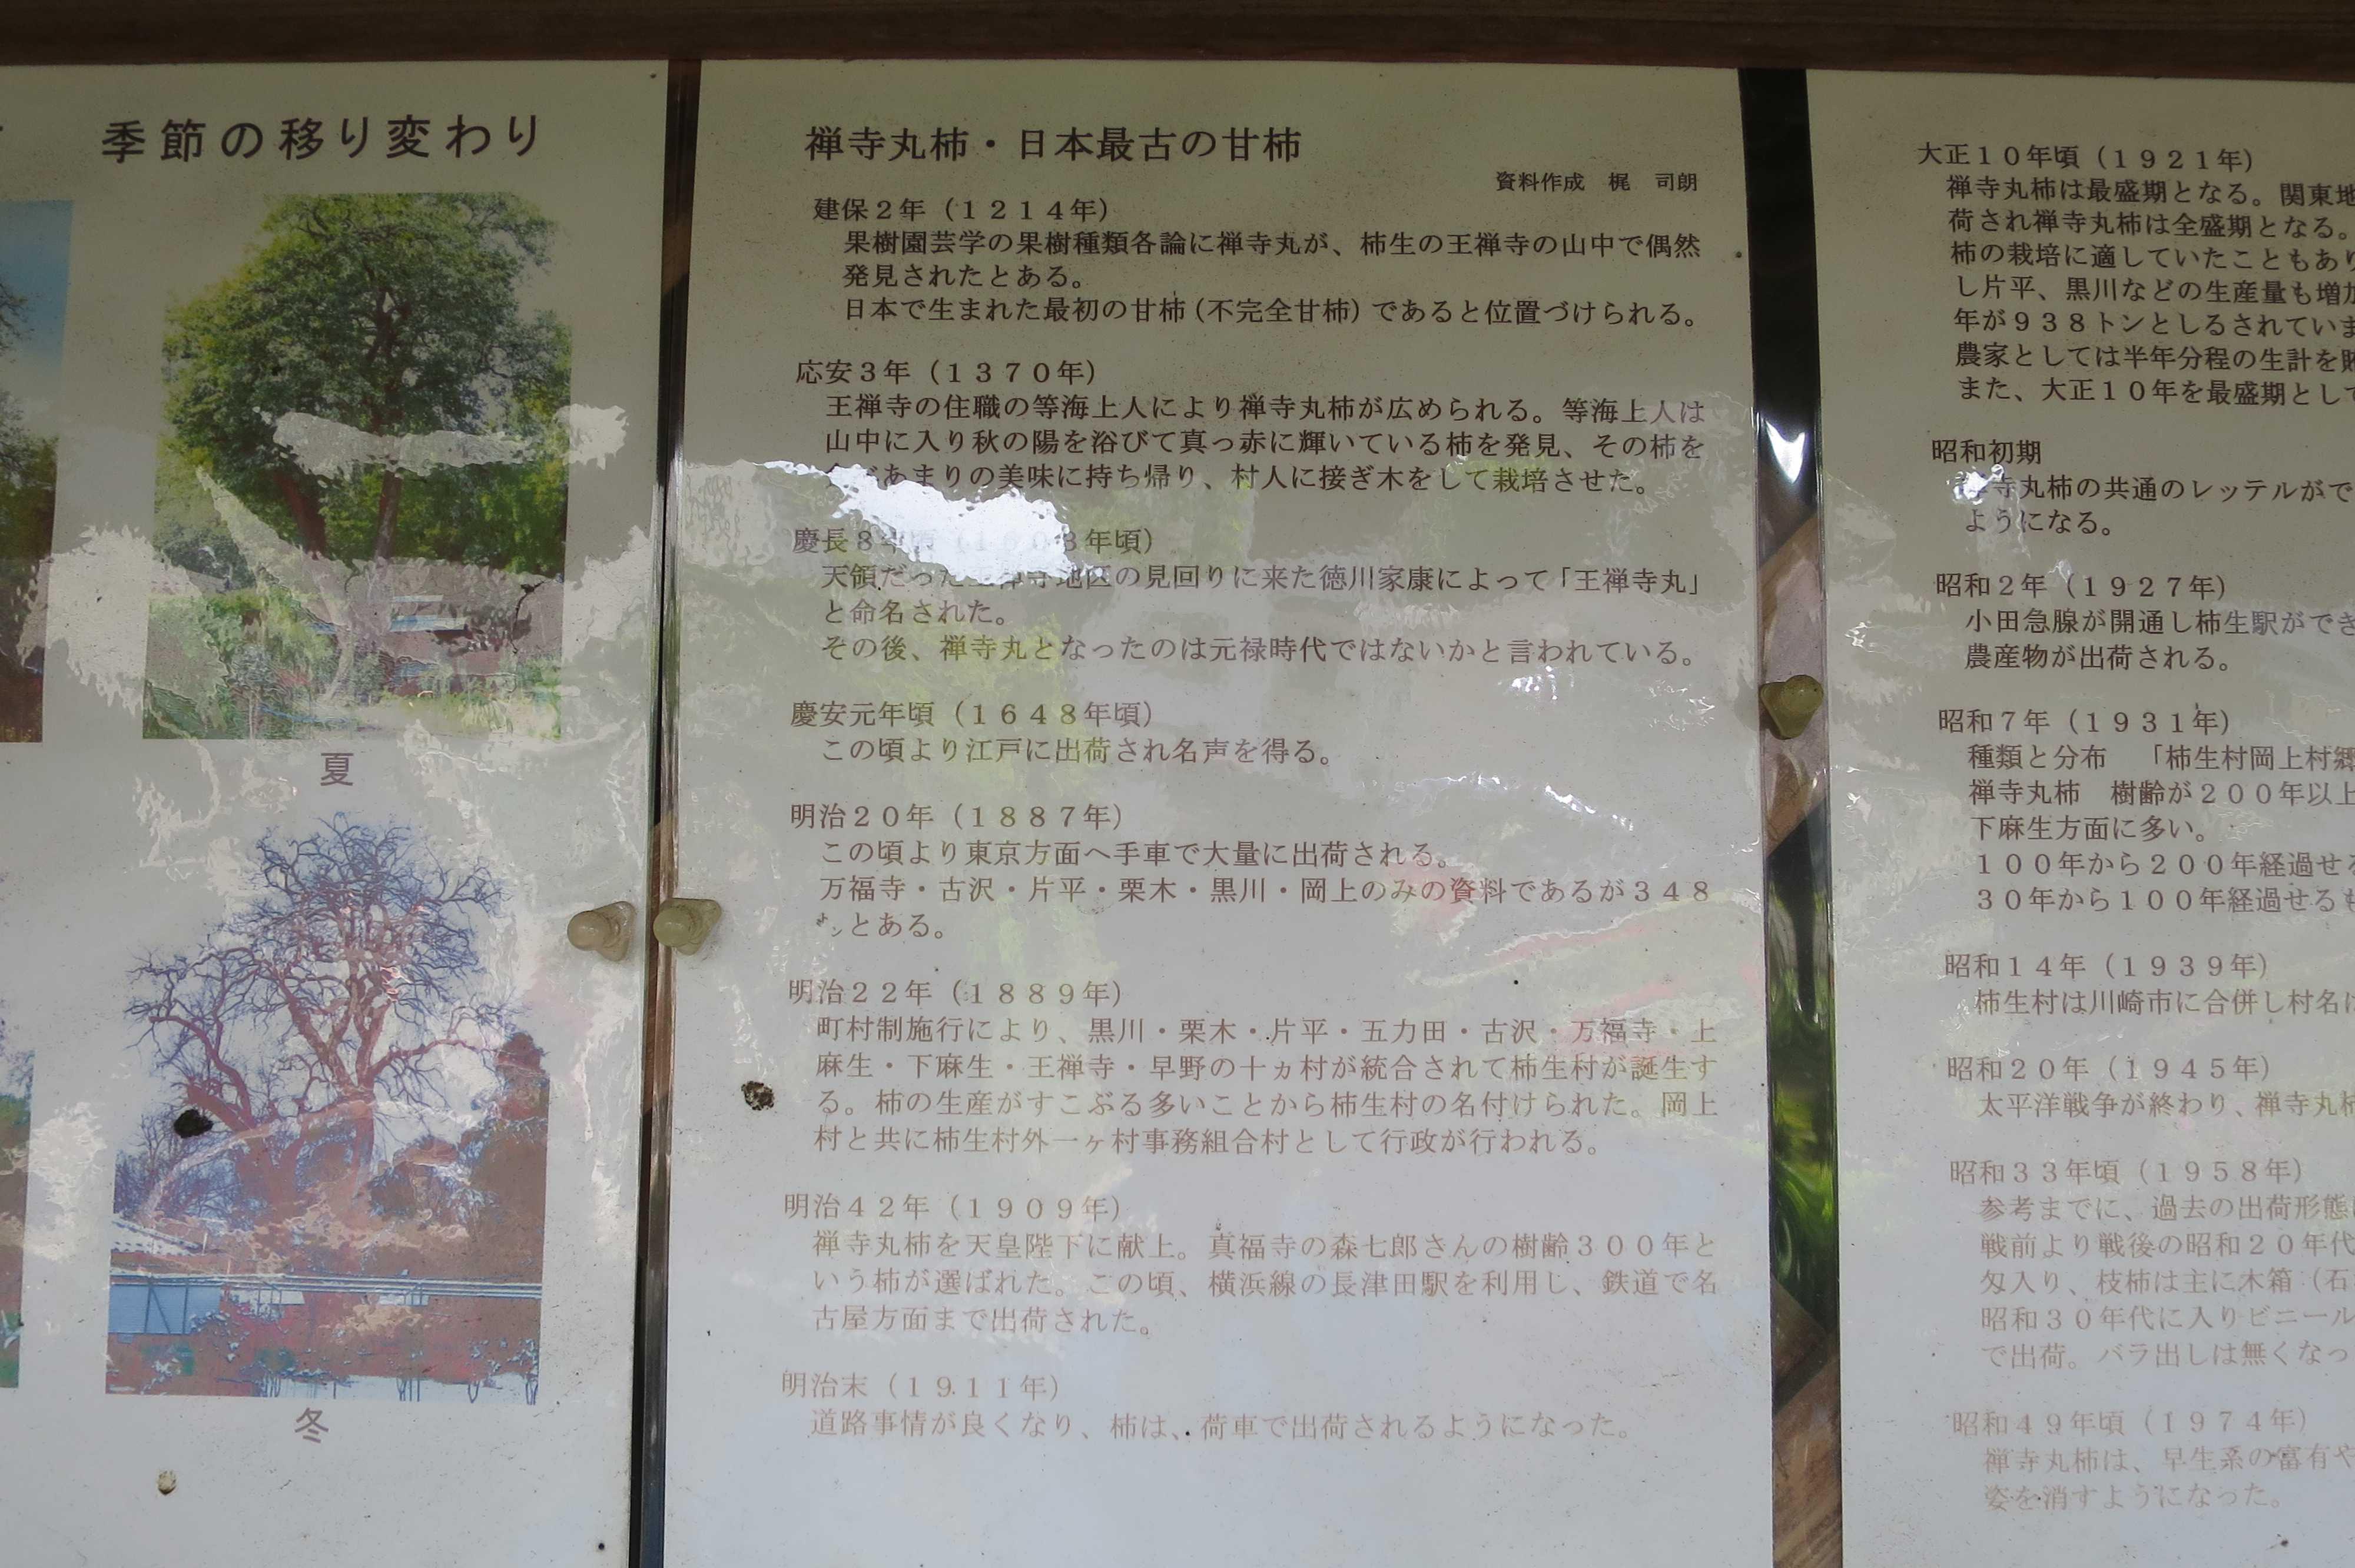 禅寺丸柿・日本最古の甘柿  資料作成 梶 司朗氏